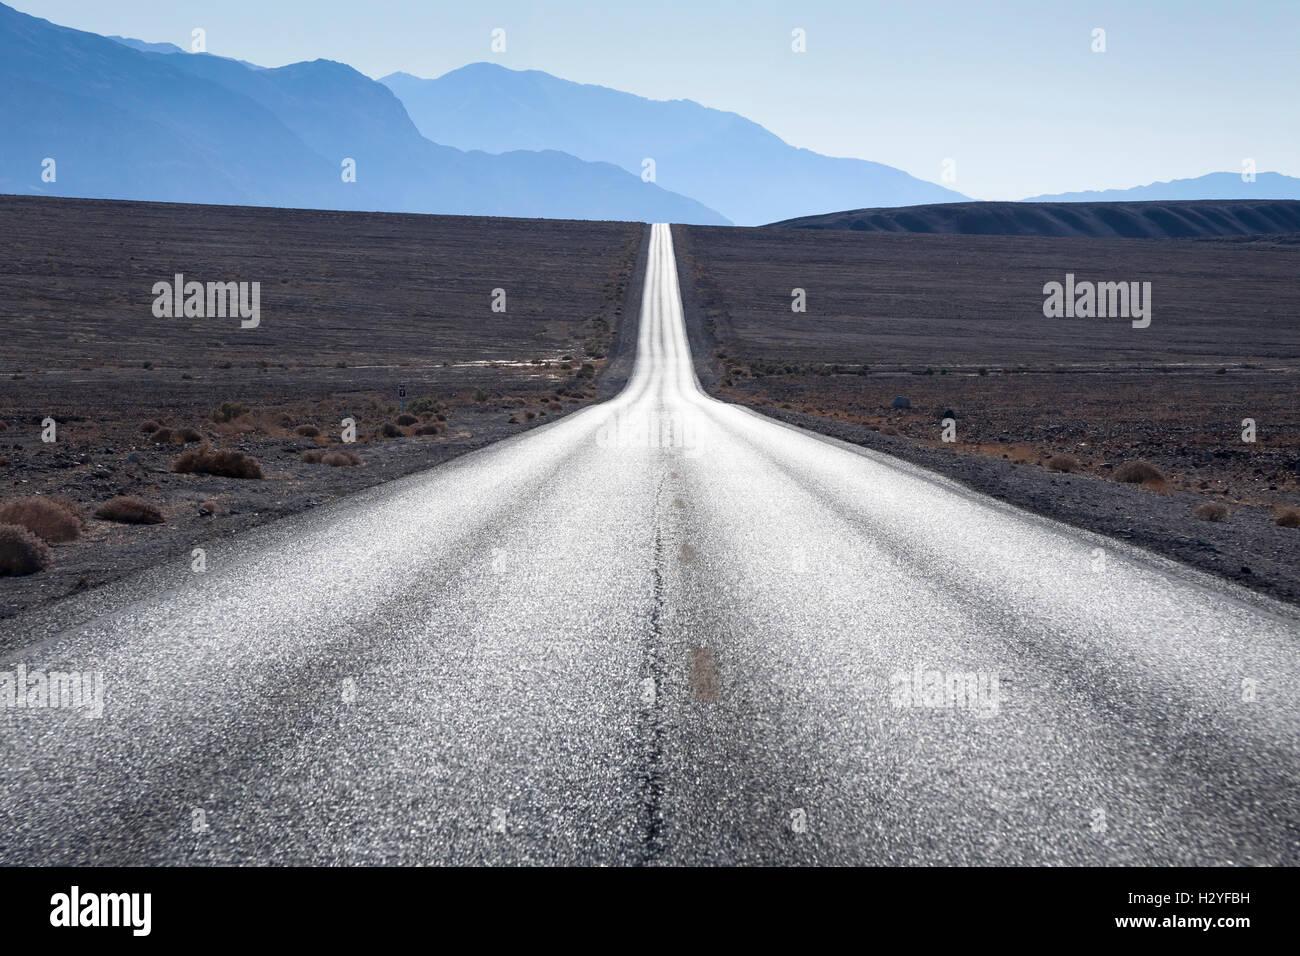 Route droite en direction de montagnes en horizon à Death Valley, Etats-Unis Photo Stock